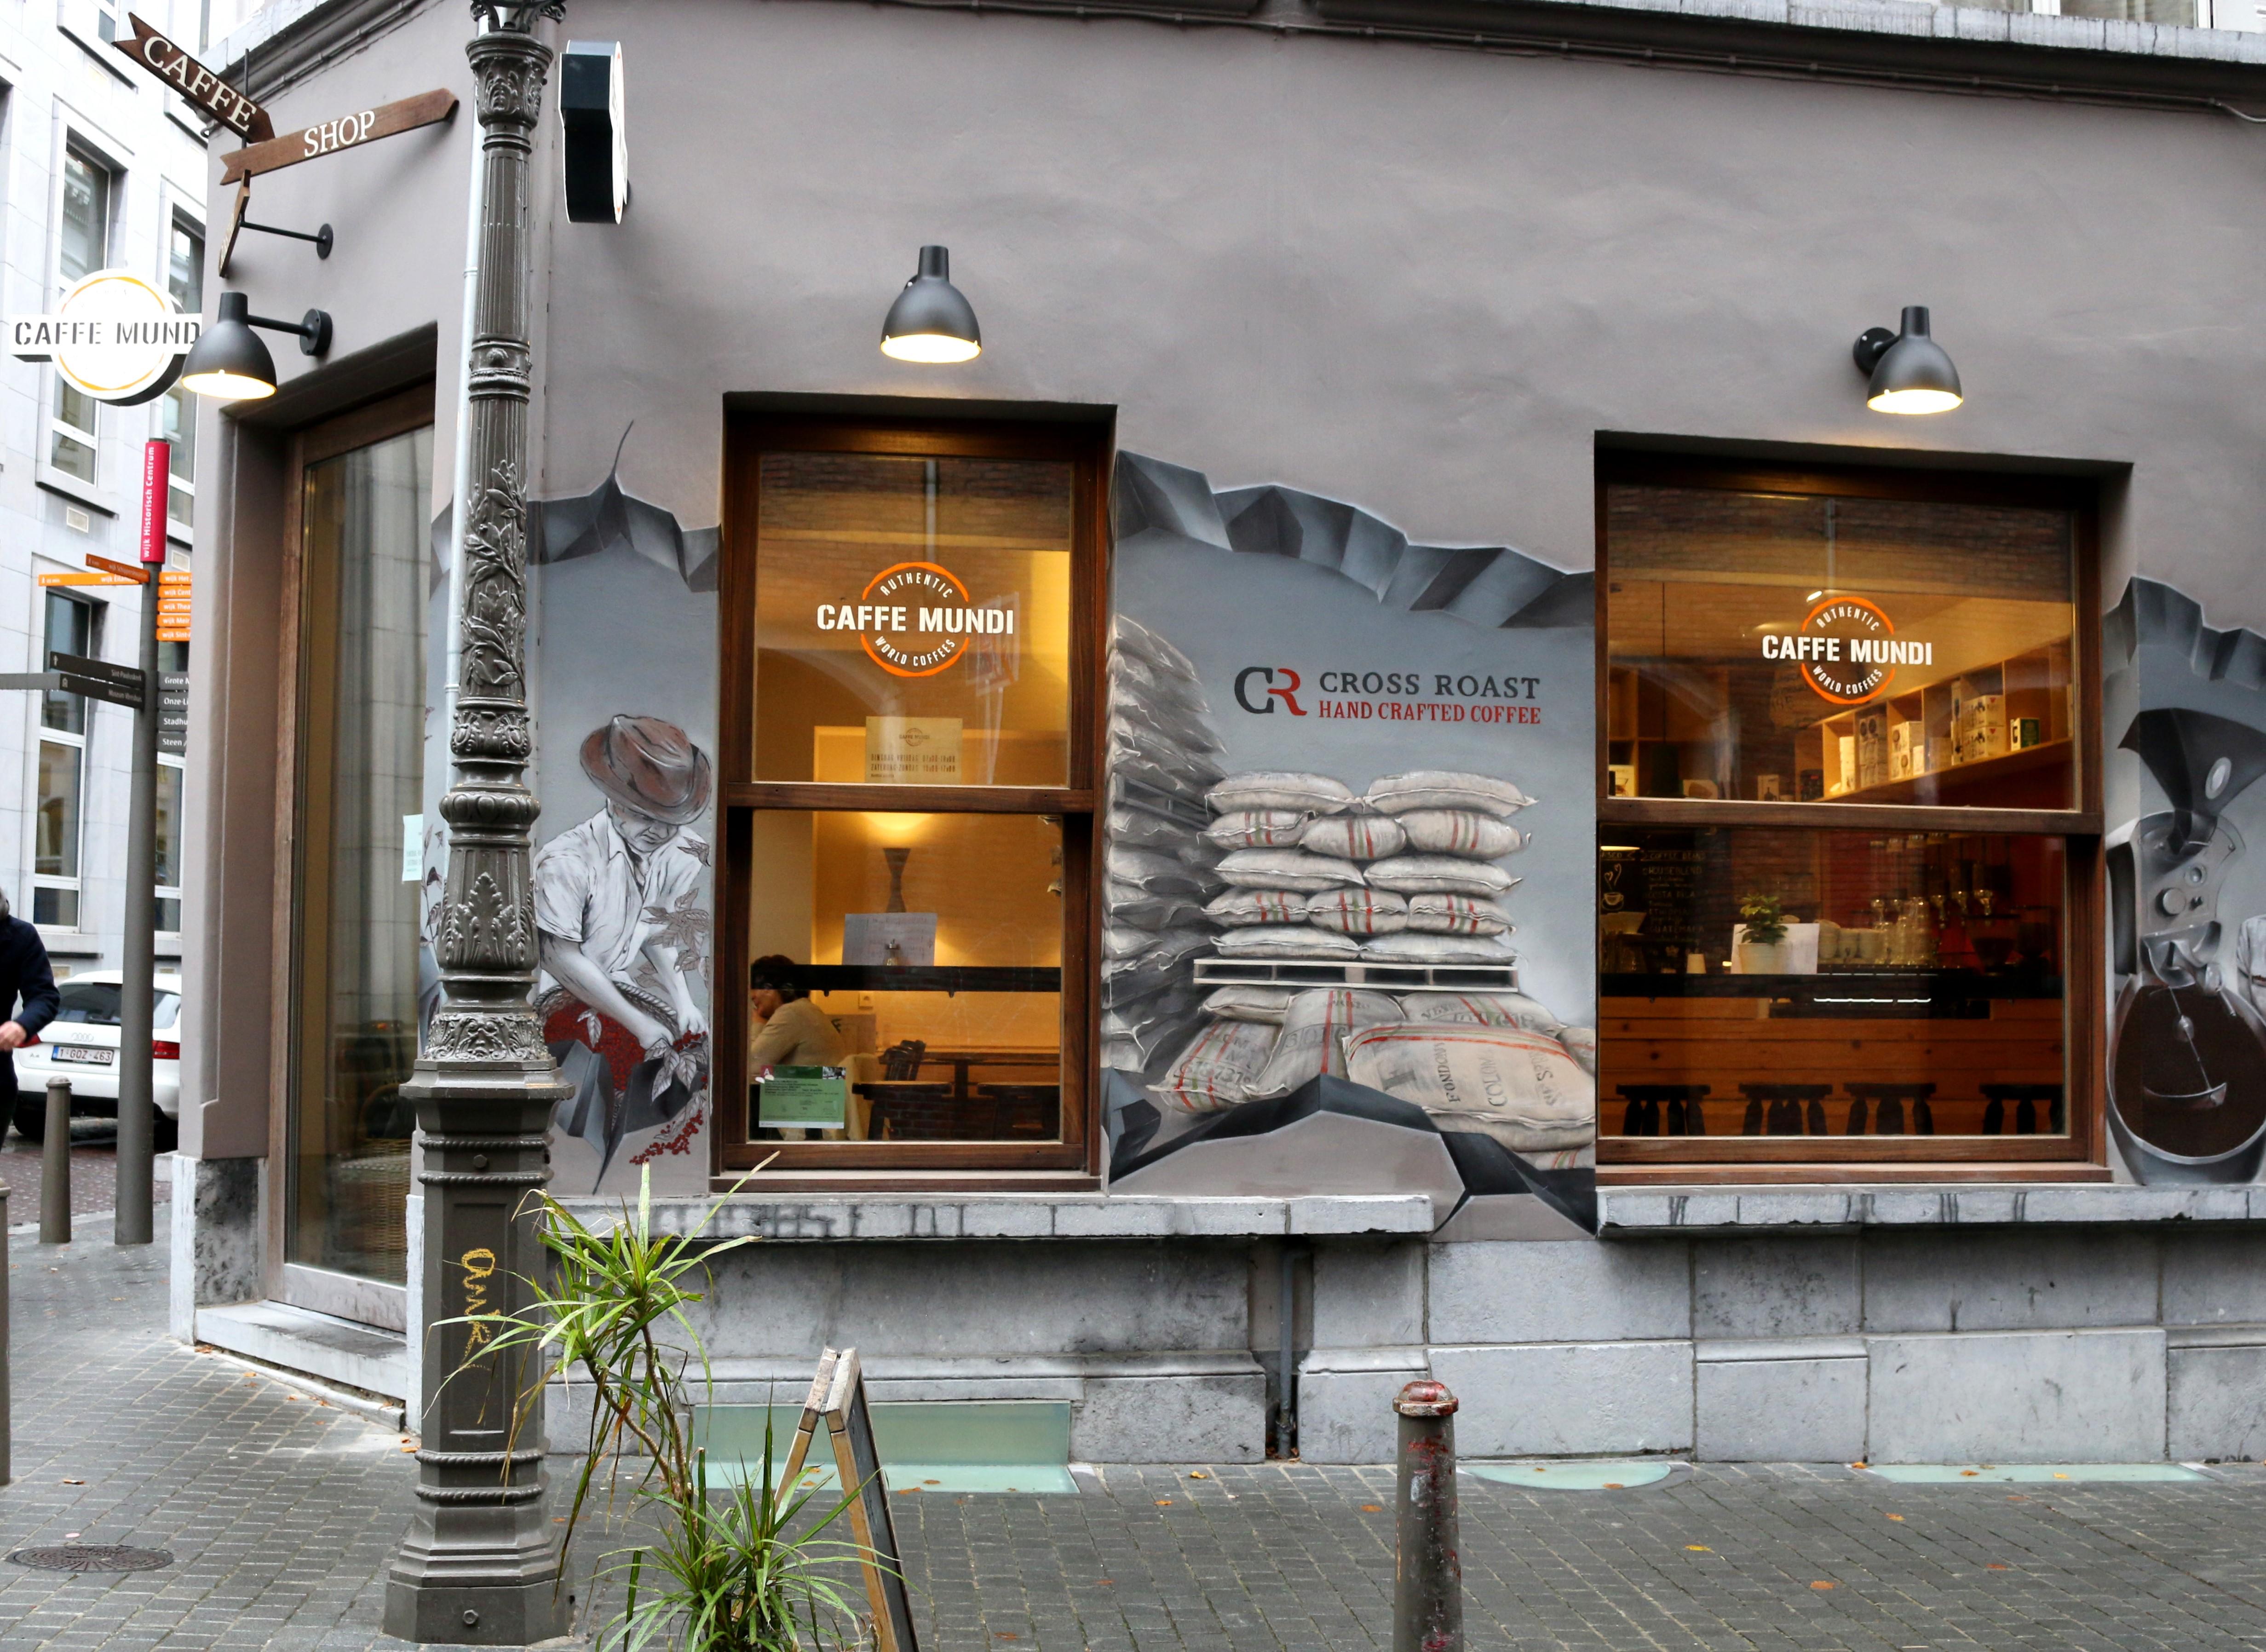 Eines der besten Cafés der Stadt: Das Café Mundi in Antwerpen.